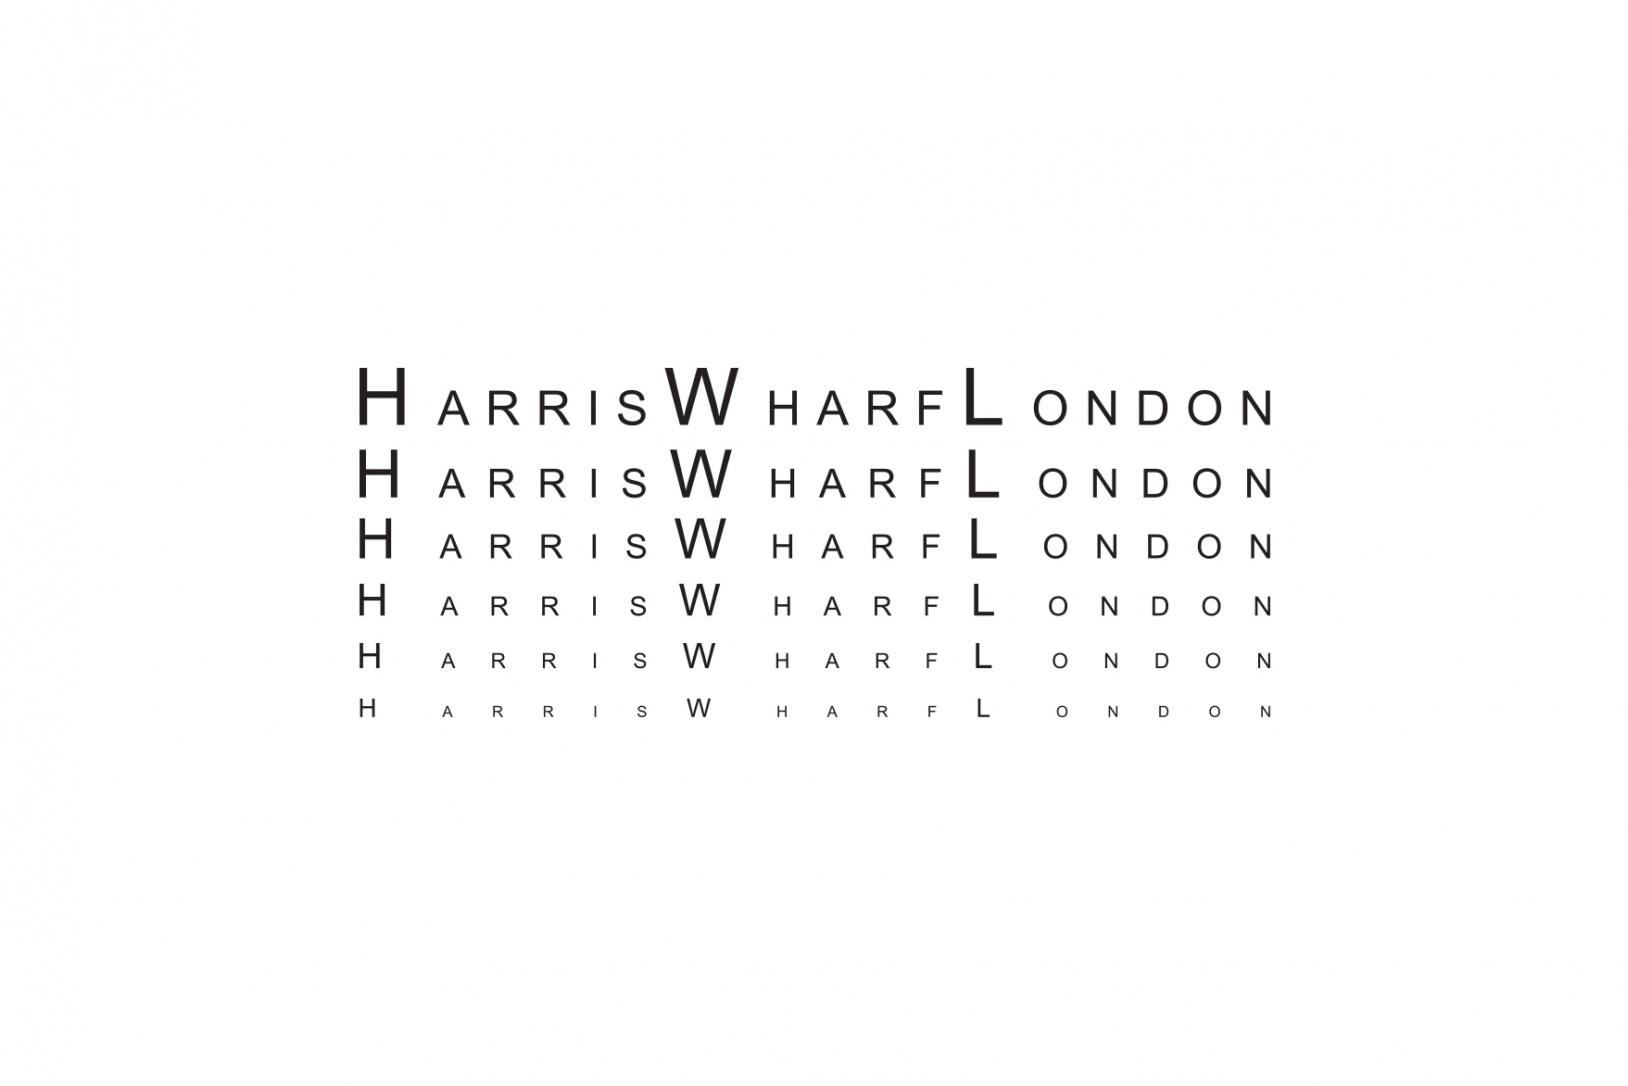 harriscopy_2833.jpg